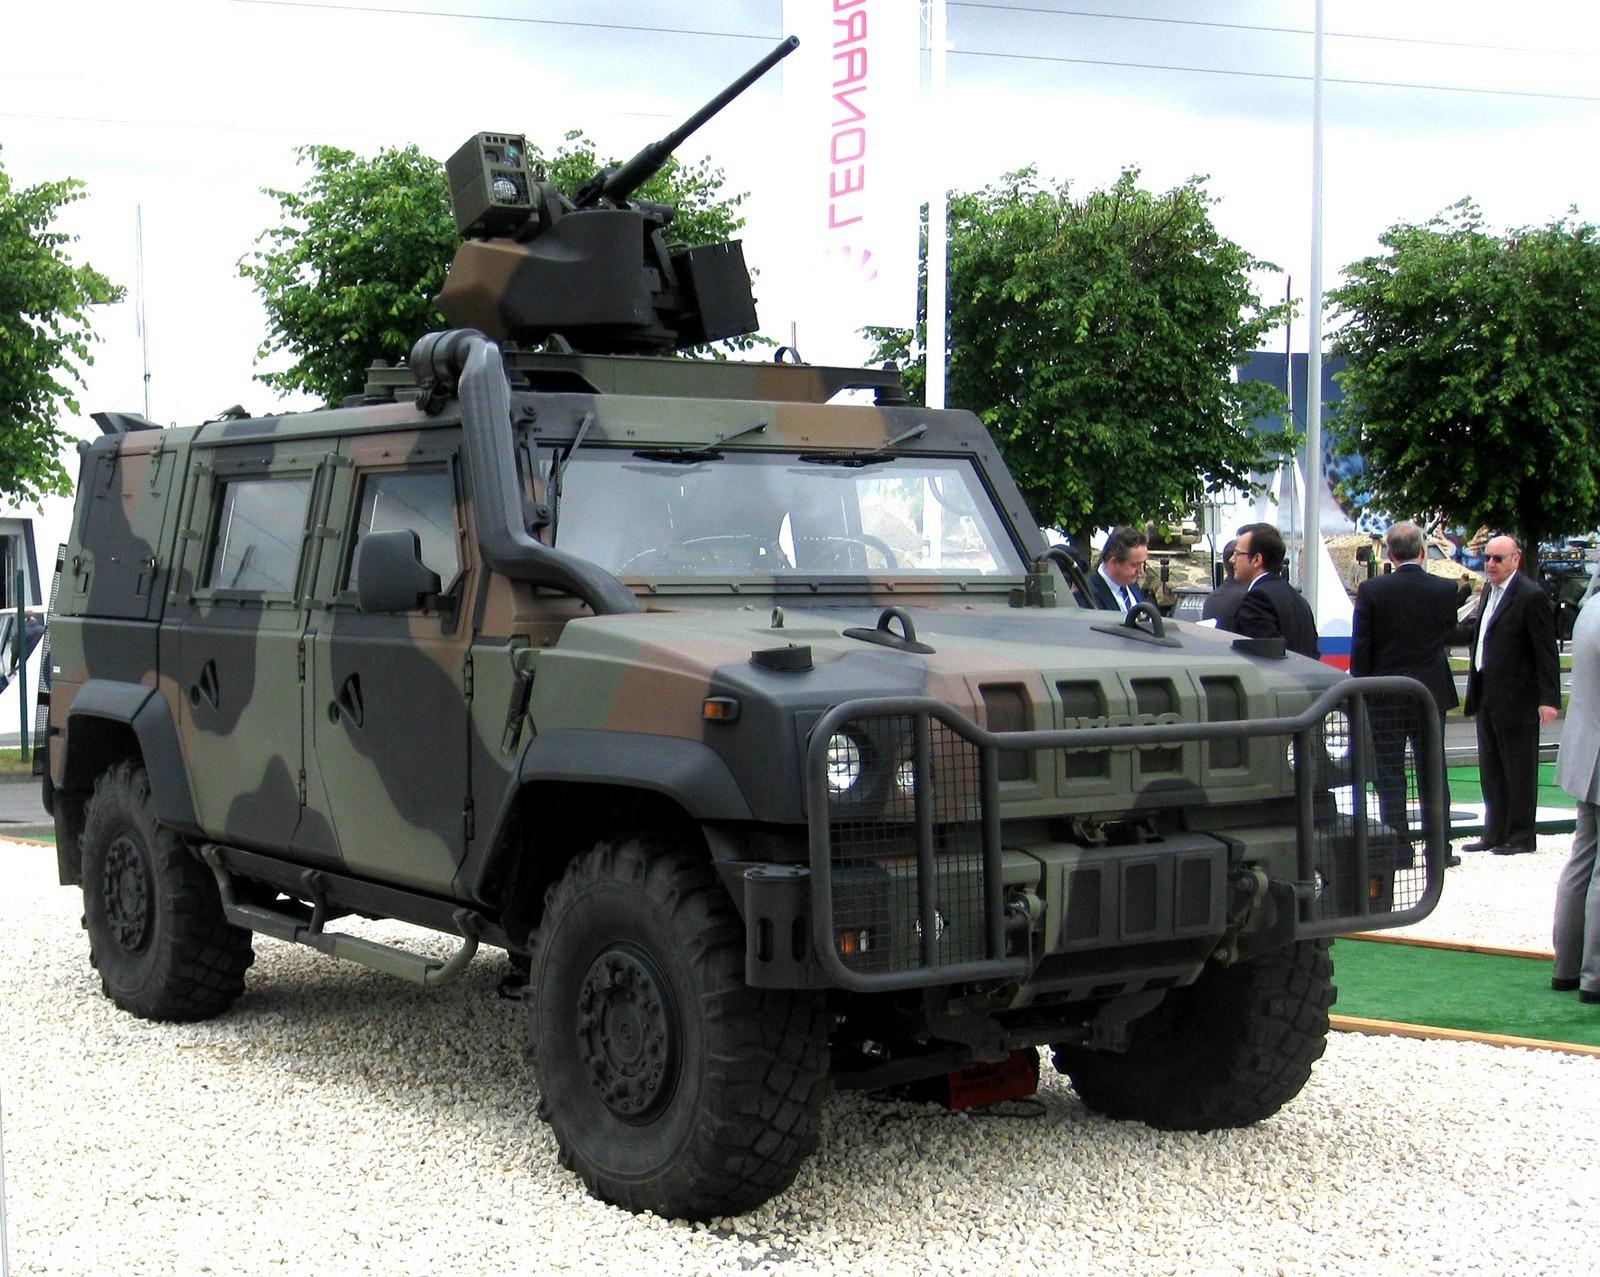 Бронемашина IVECO LMV с дистанционно управляемым модулем